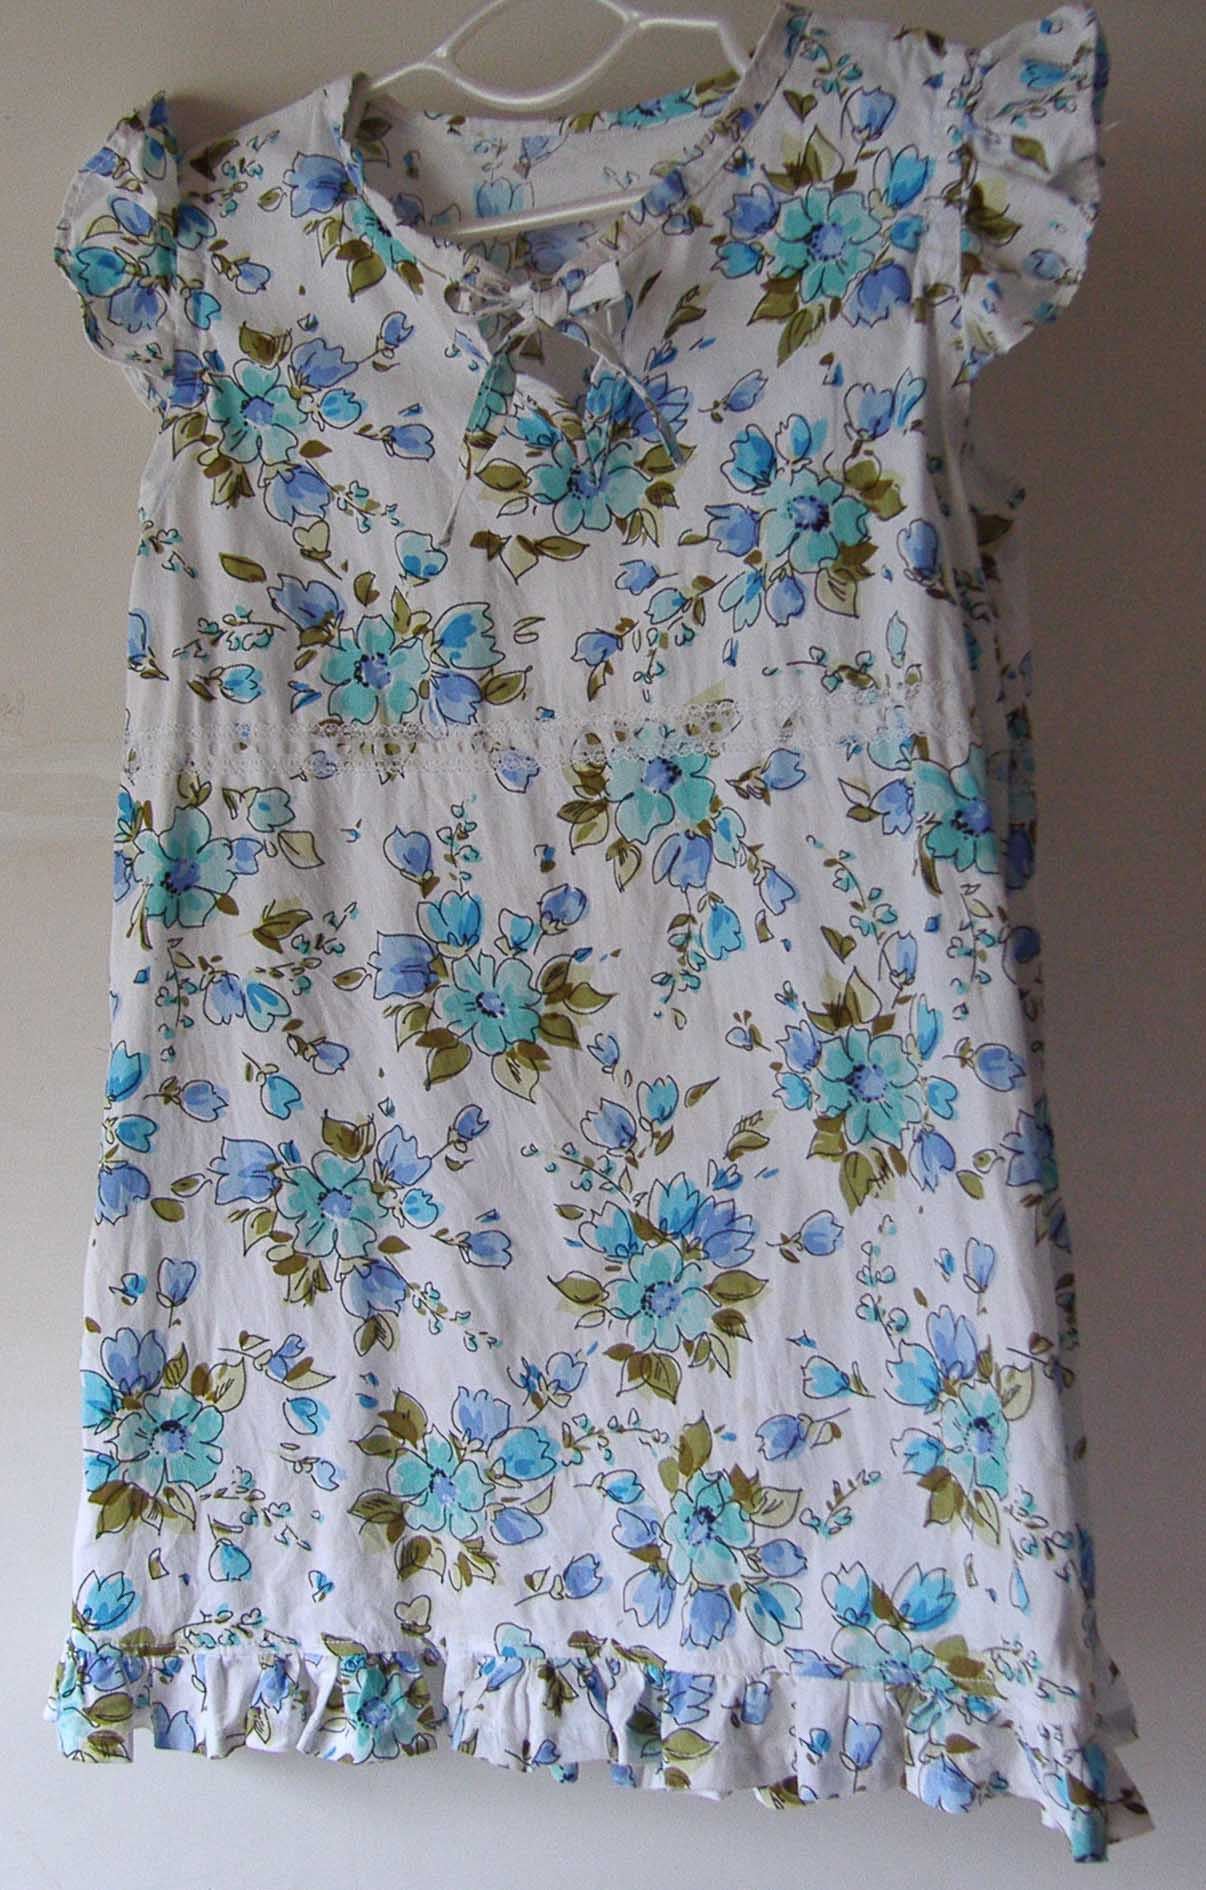 论坛 69 手工diy俱乐部 69 服装设计与裁剪 69 自制女儿裙子